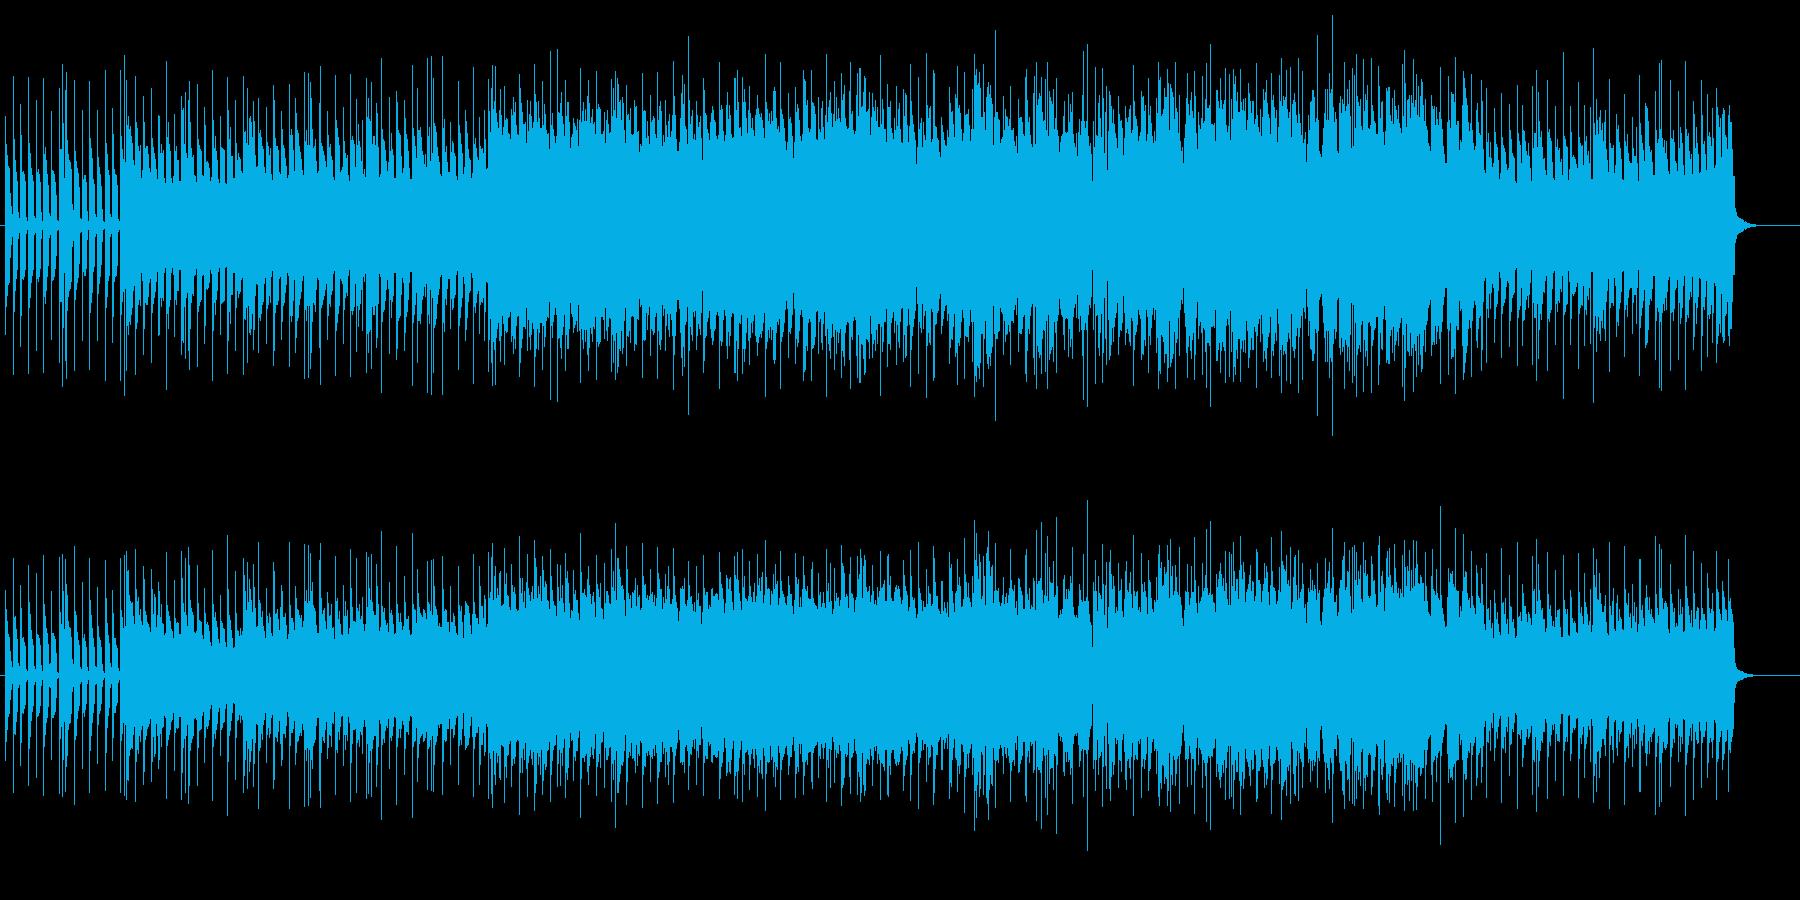 ギターが唸る重厚なロックサウンドの再生済みの波形